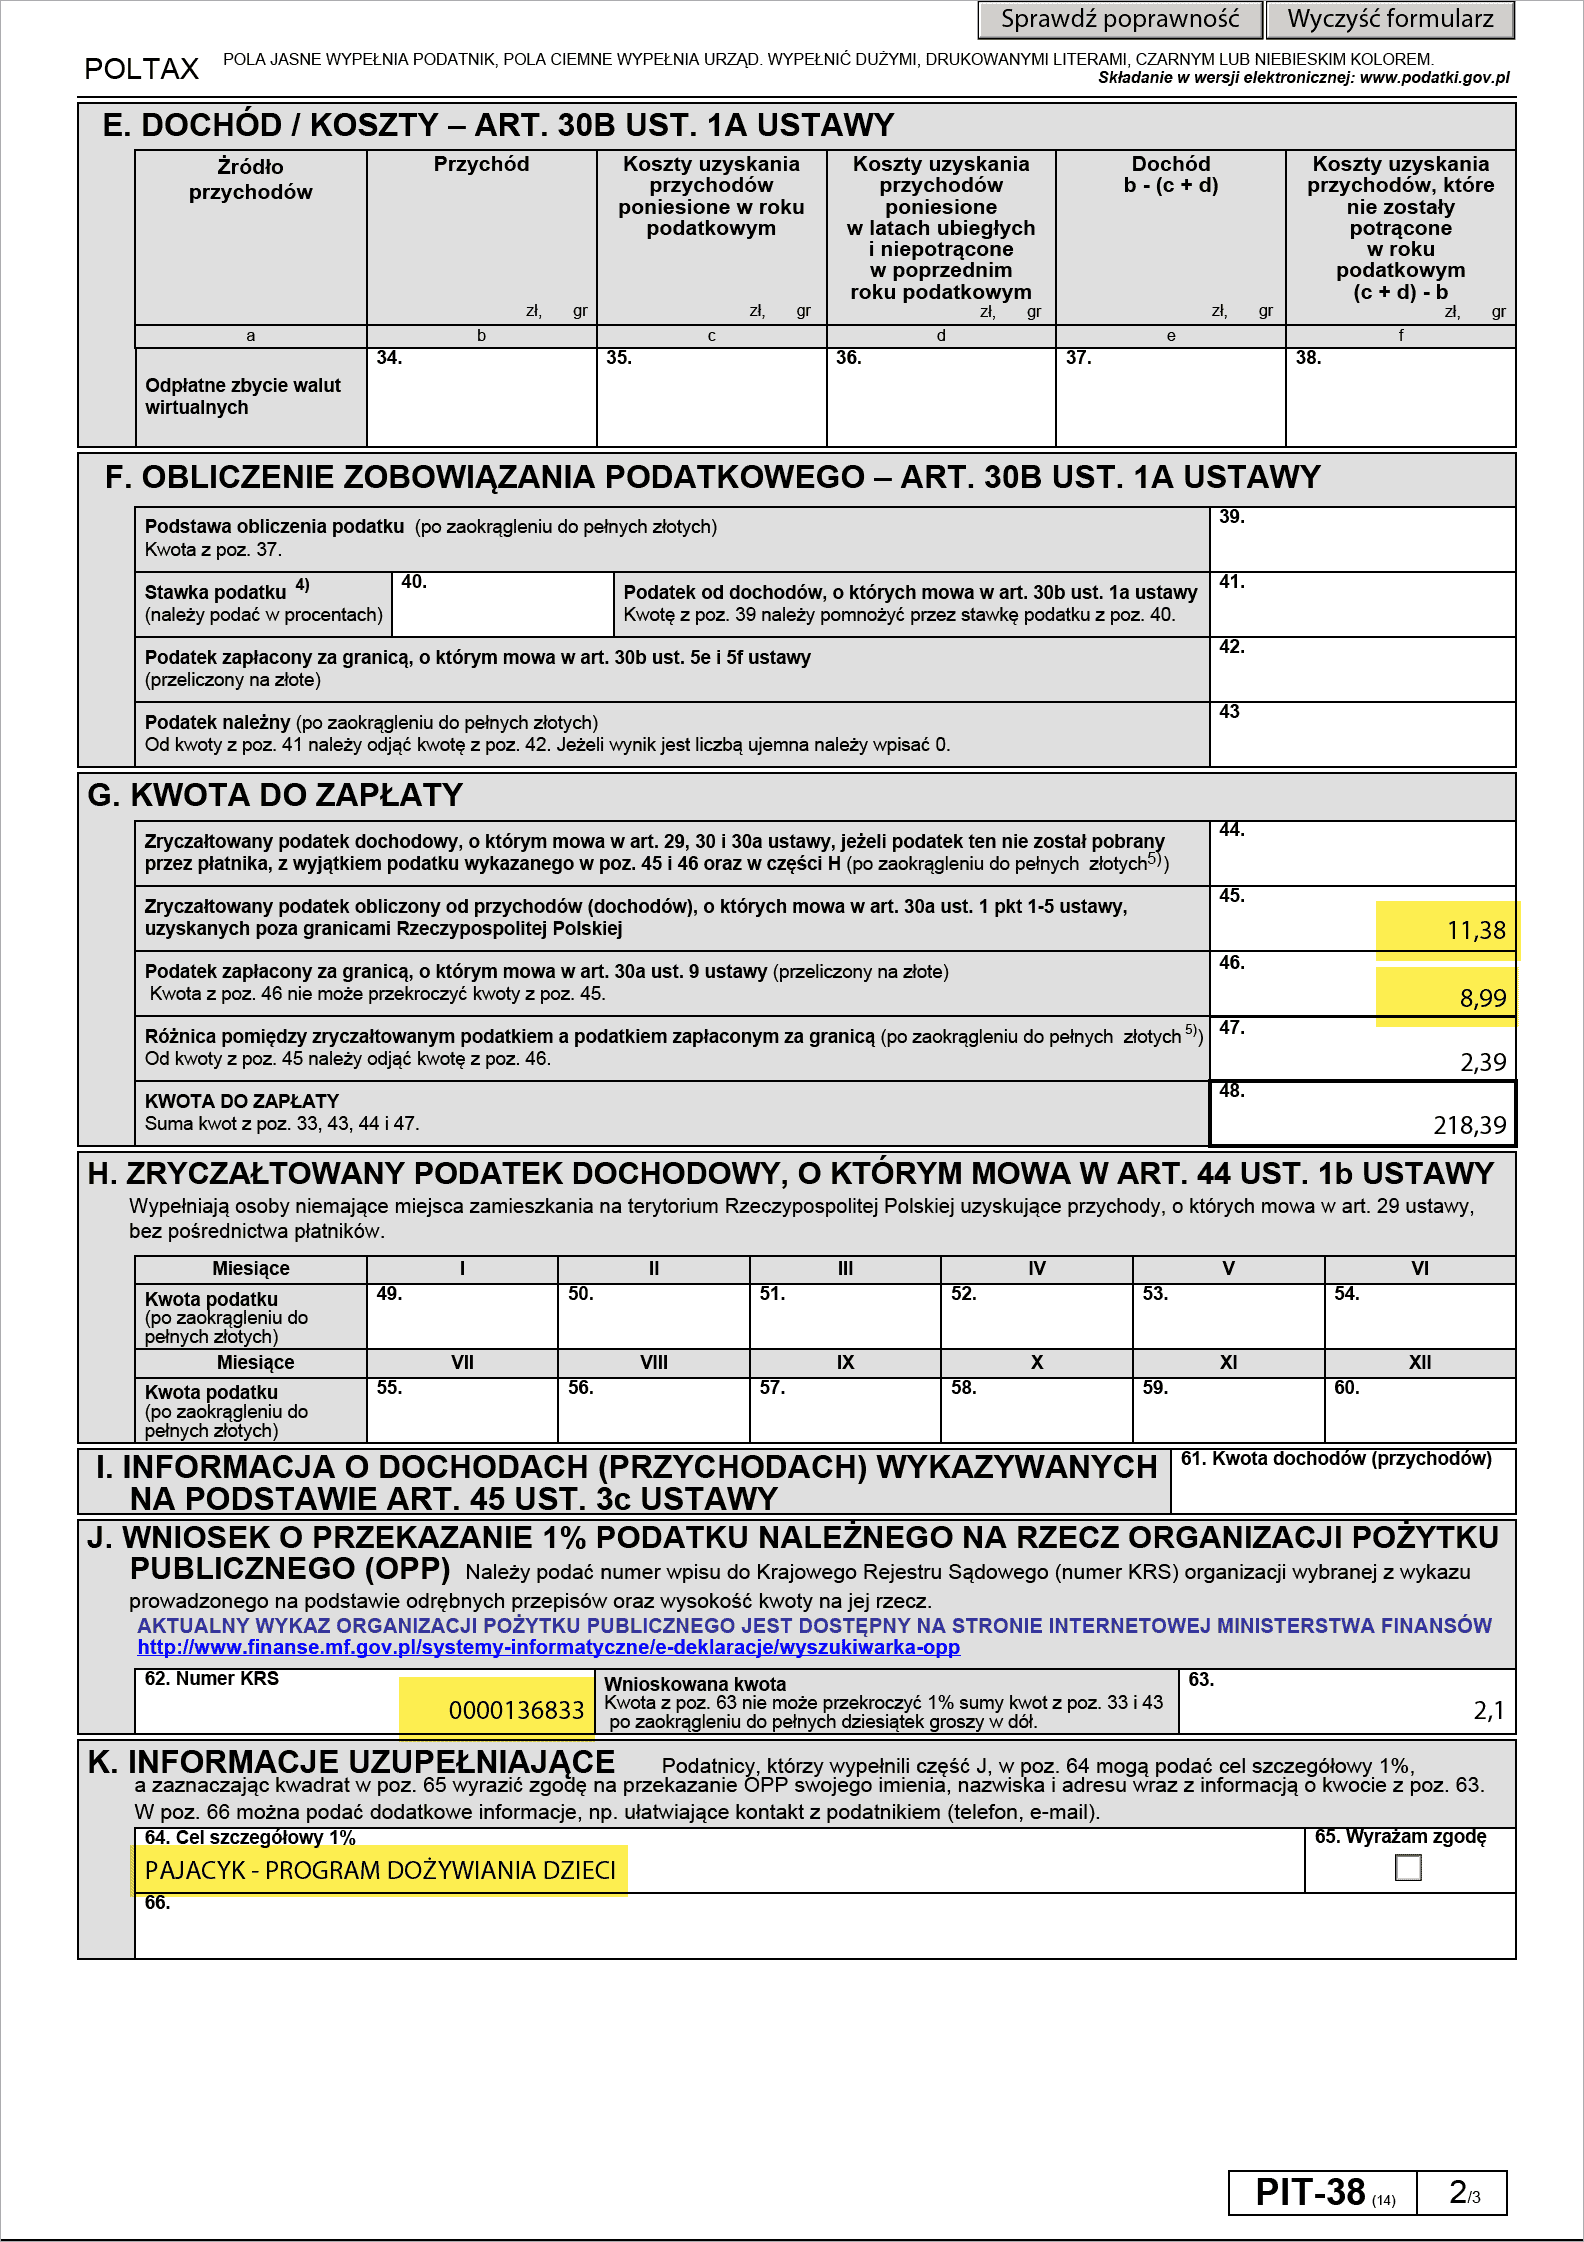 Jak obliczyć podatek za sprzedaż akcji za granicą